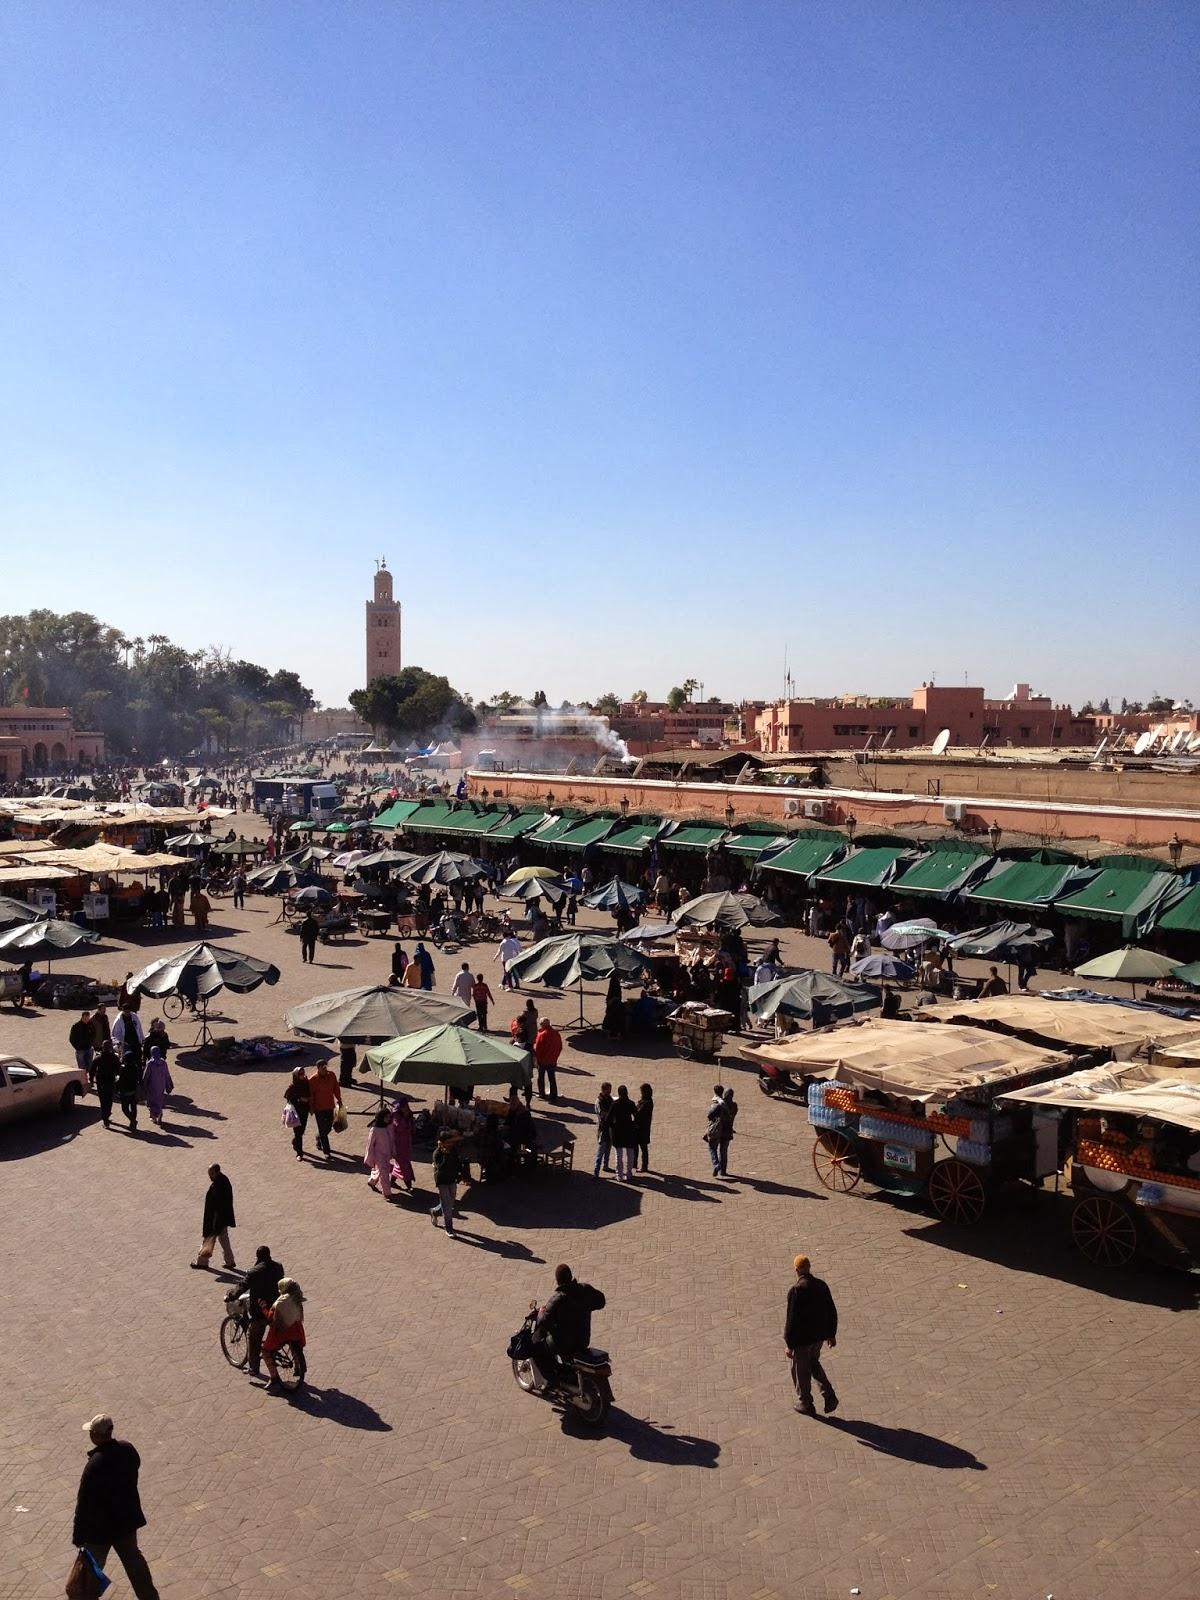 Klockan elva: en resa till marrakech